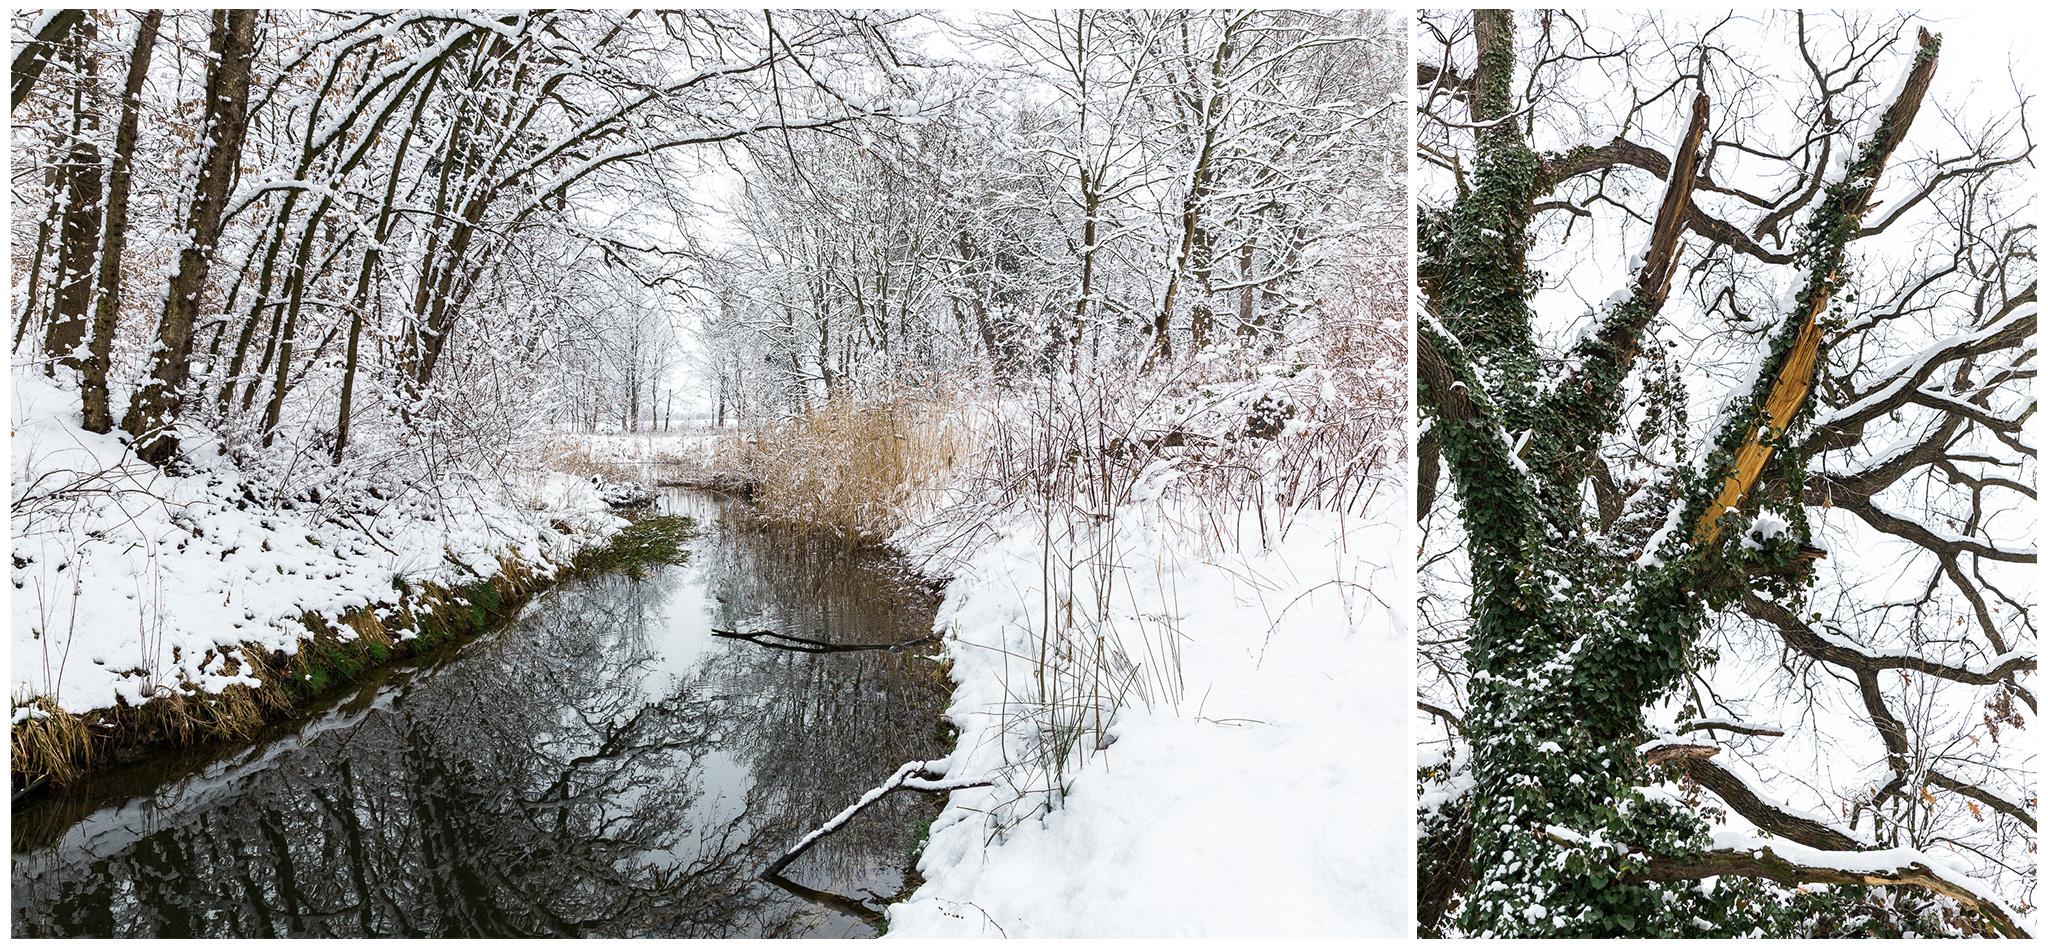 Körmend,Várkert,tél,2018,Fülöp Péter, fylepphoto, Vasmegye, Dunántúl_003.jpg